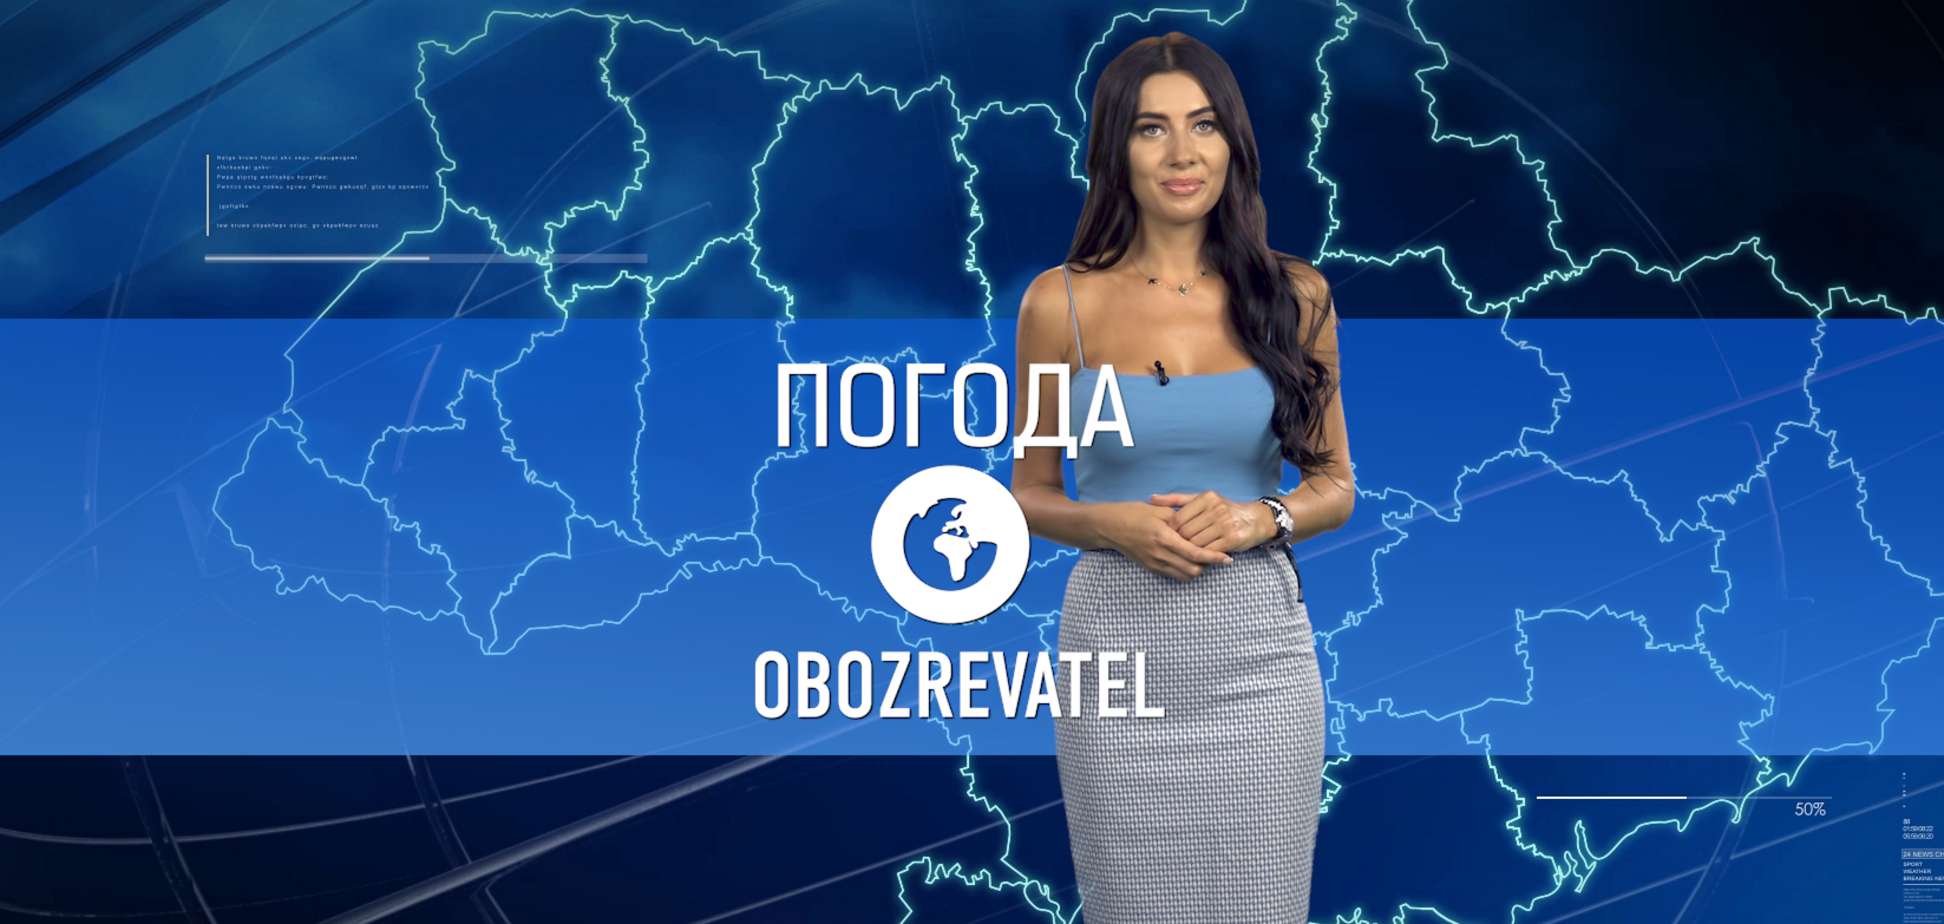 Прогноз погоди в Україні на вівторок 8 червня з Алісою Мярковською